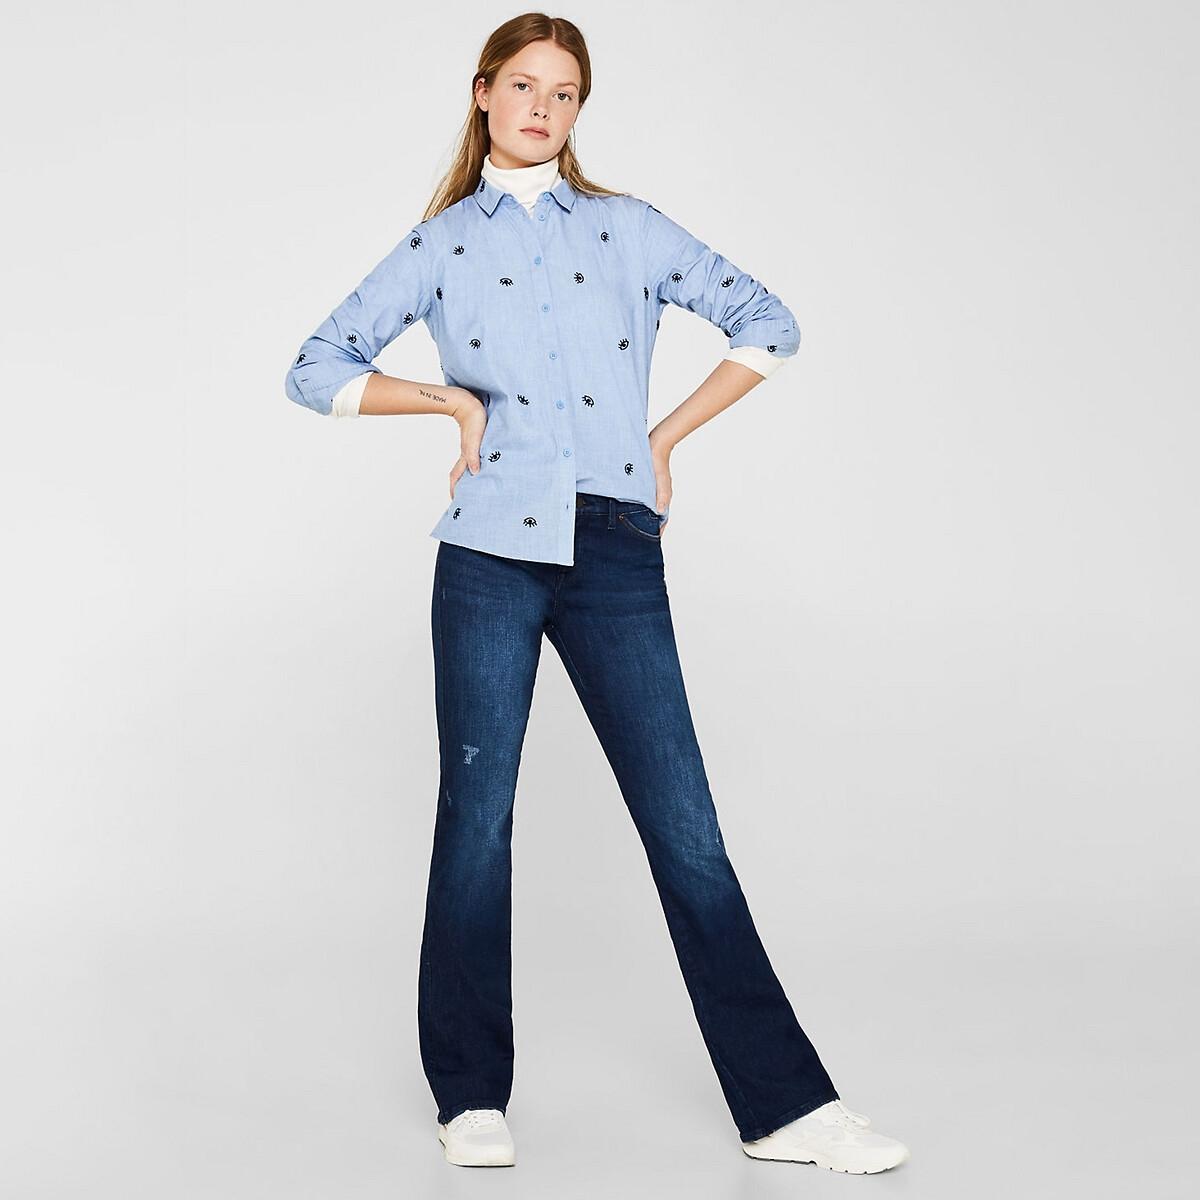 Camisa con bordados, de algodón orgánico